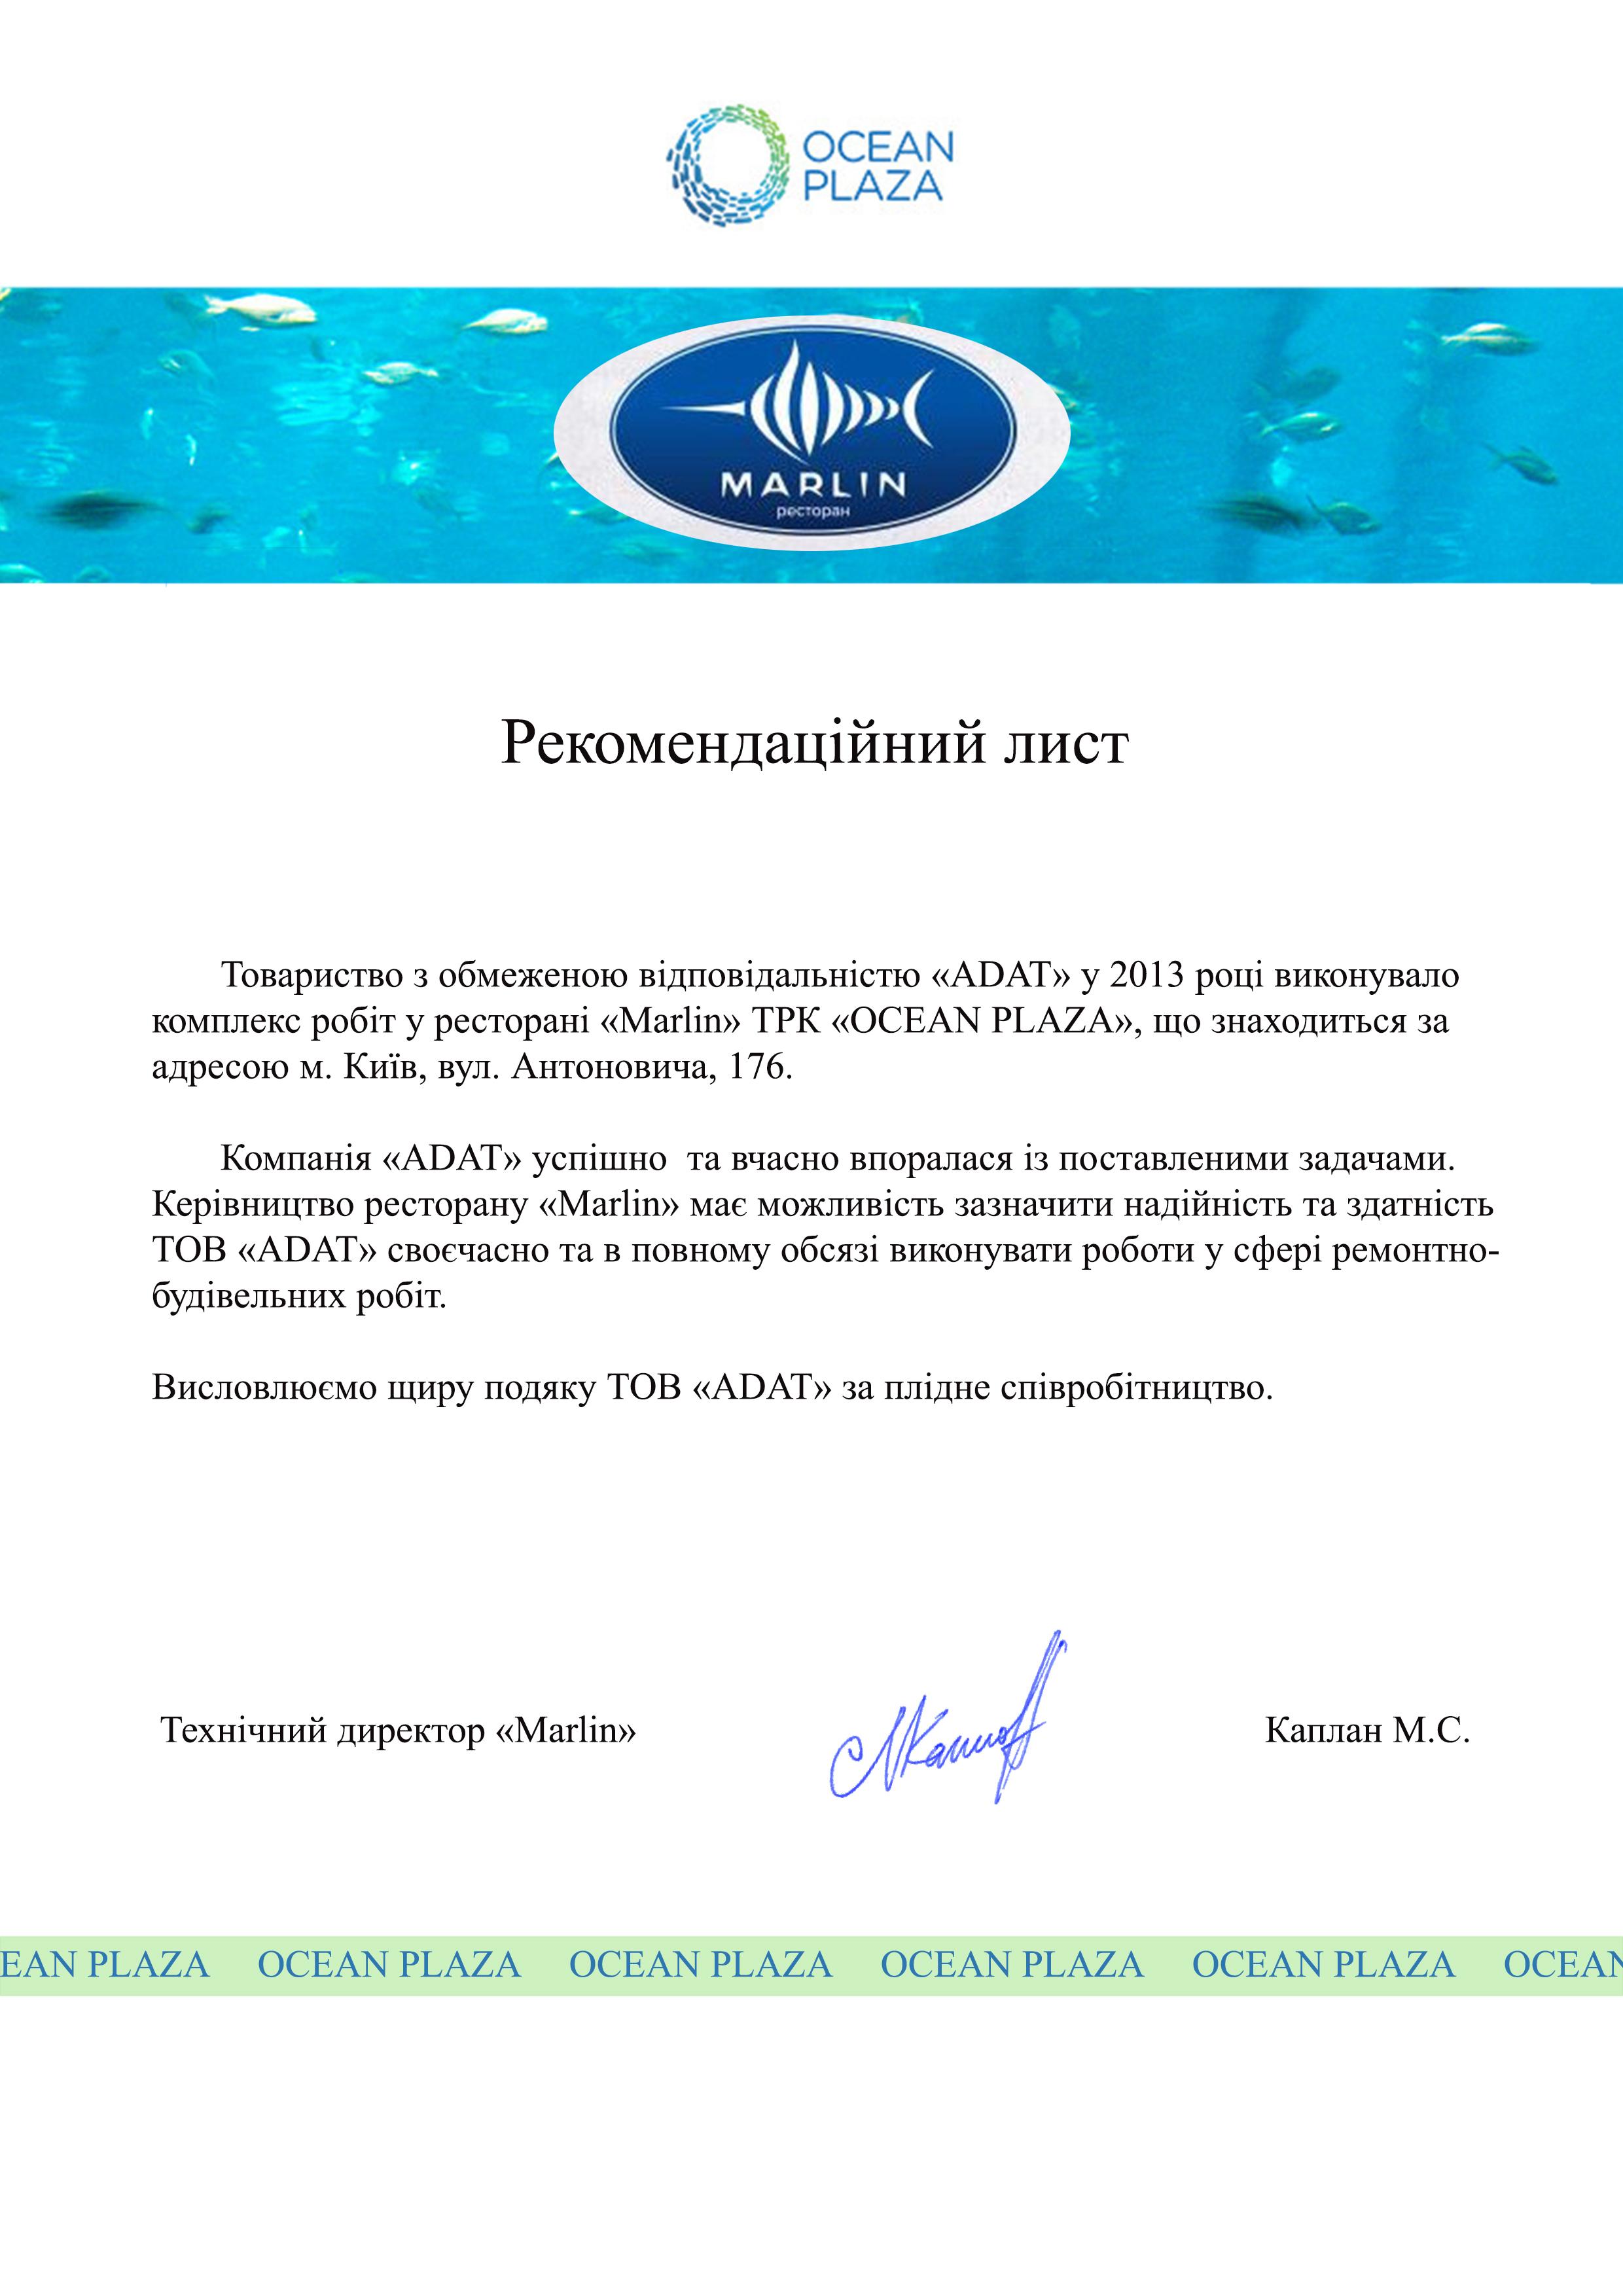 http://www.adat.kiev.ua/images/otzyvy/otzyv-007.jpg